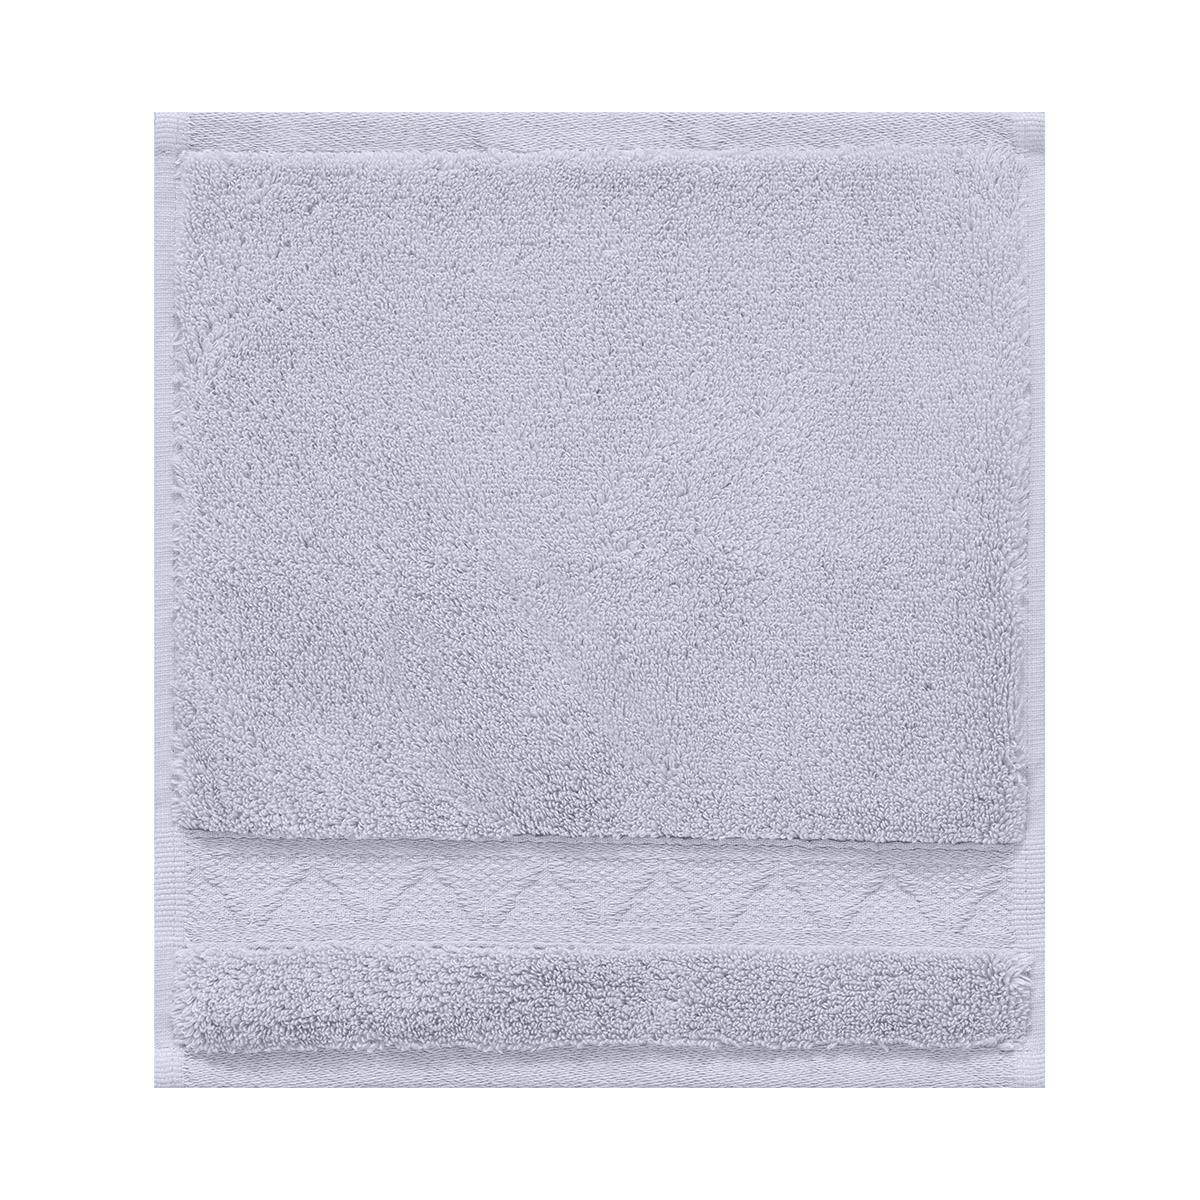 Carré visage en coton voile grisé 30 x 30